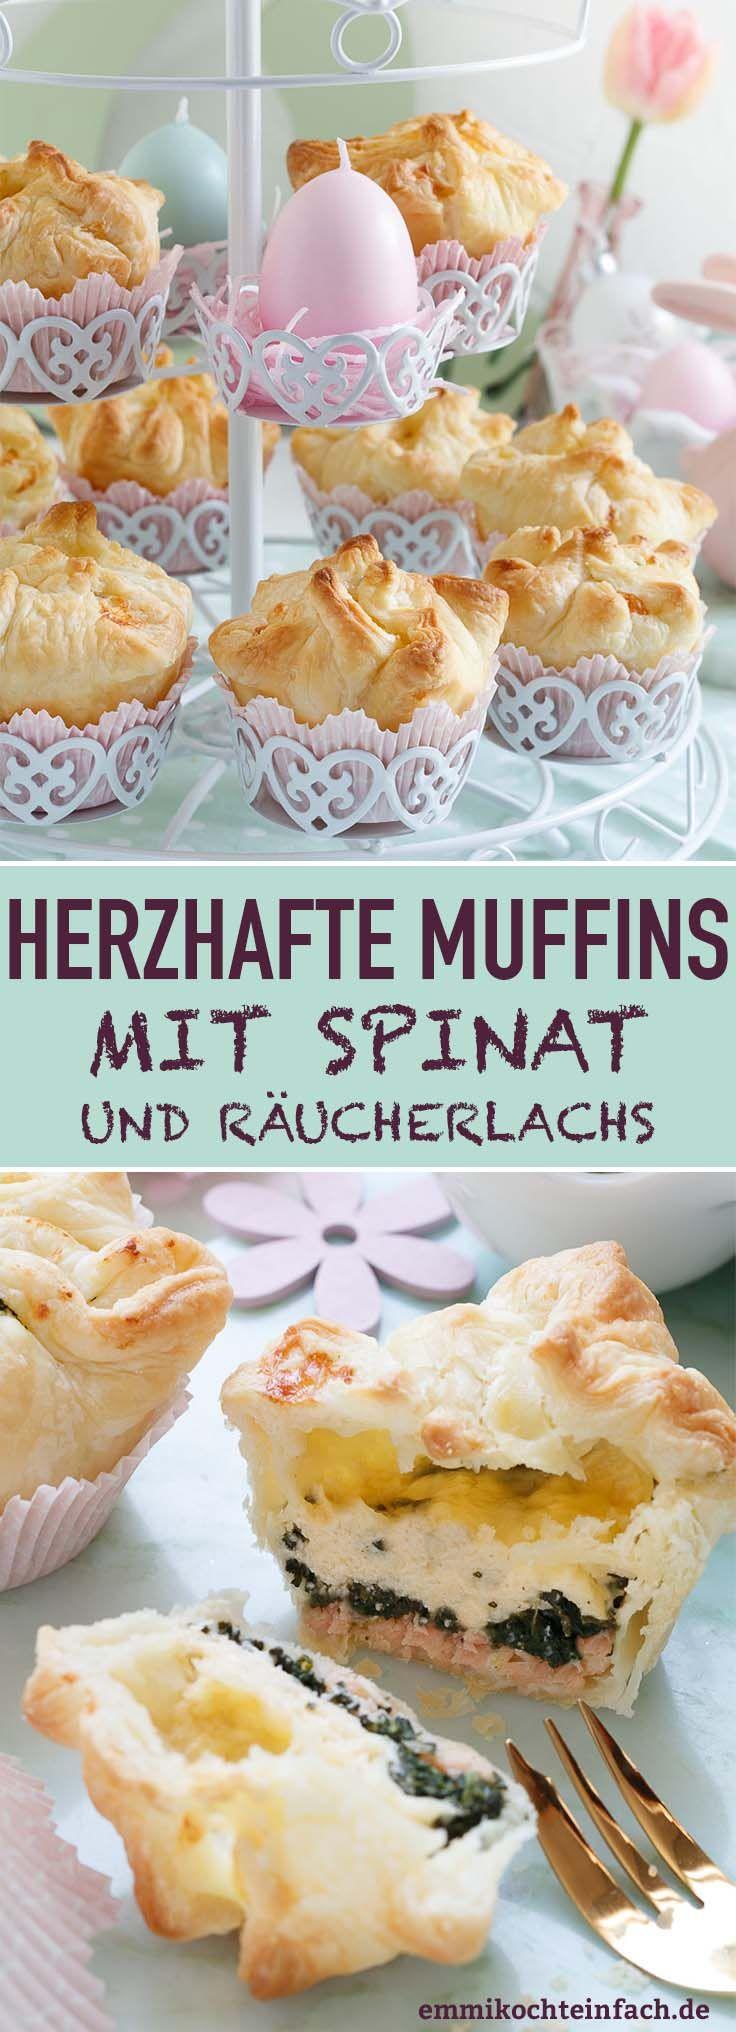 Herzhafte Muffins mit Spinat und Räucherlachs – emmikochteinfach – einfache Rezepte: Kochen, Backen für Familie und Alltag